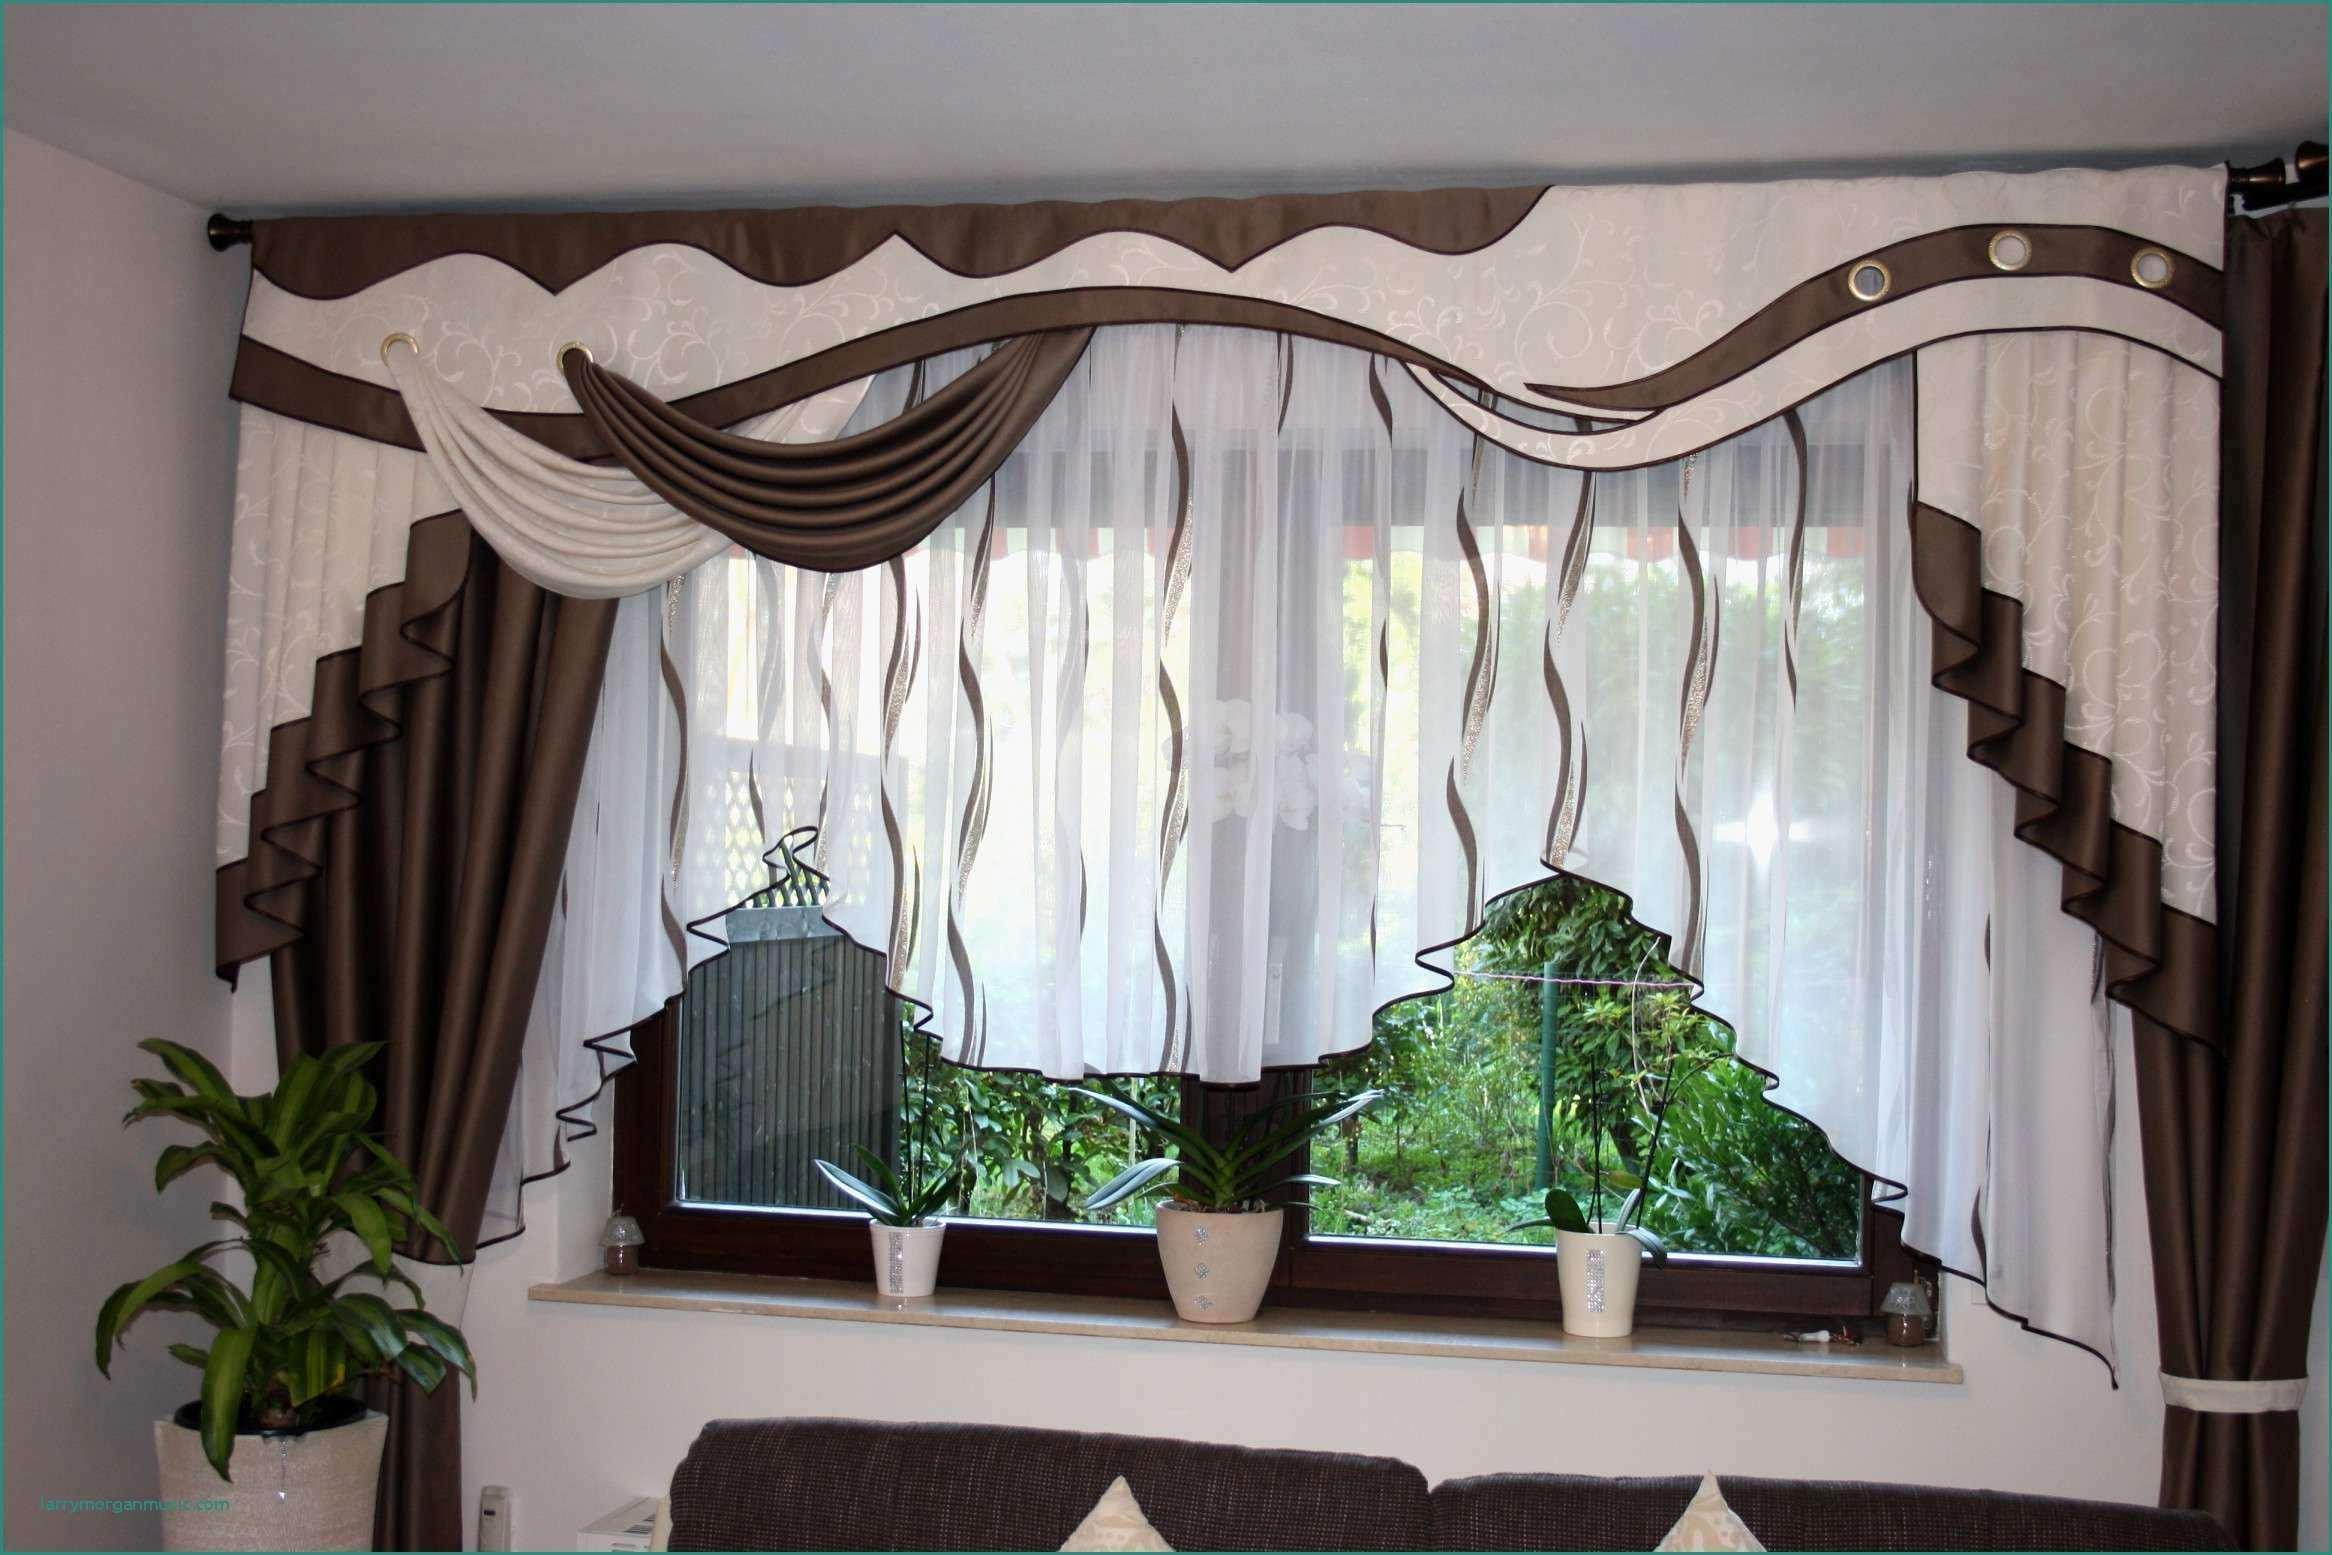 Full Size of Bogen Gardinen Wohnzimmer Beau Fenster Für Küche Schlafzimmer Bogenlampe Esstisch Scheibengardinen Die Wohnzimmer Bogen Gardinen